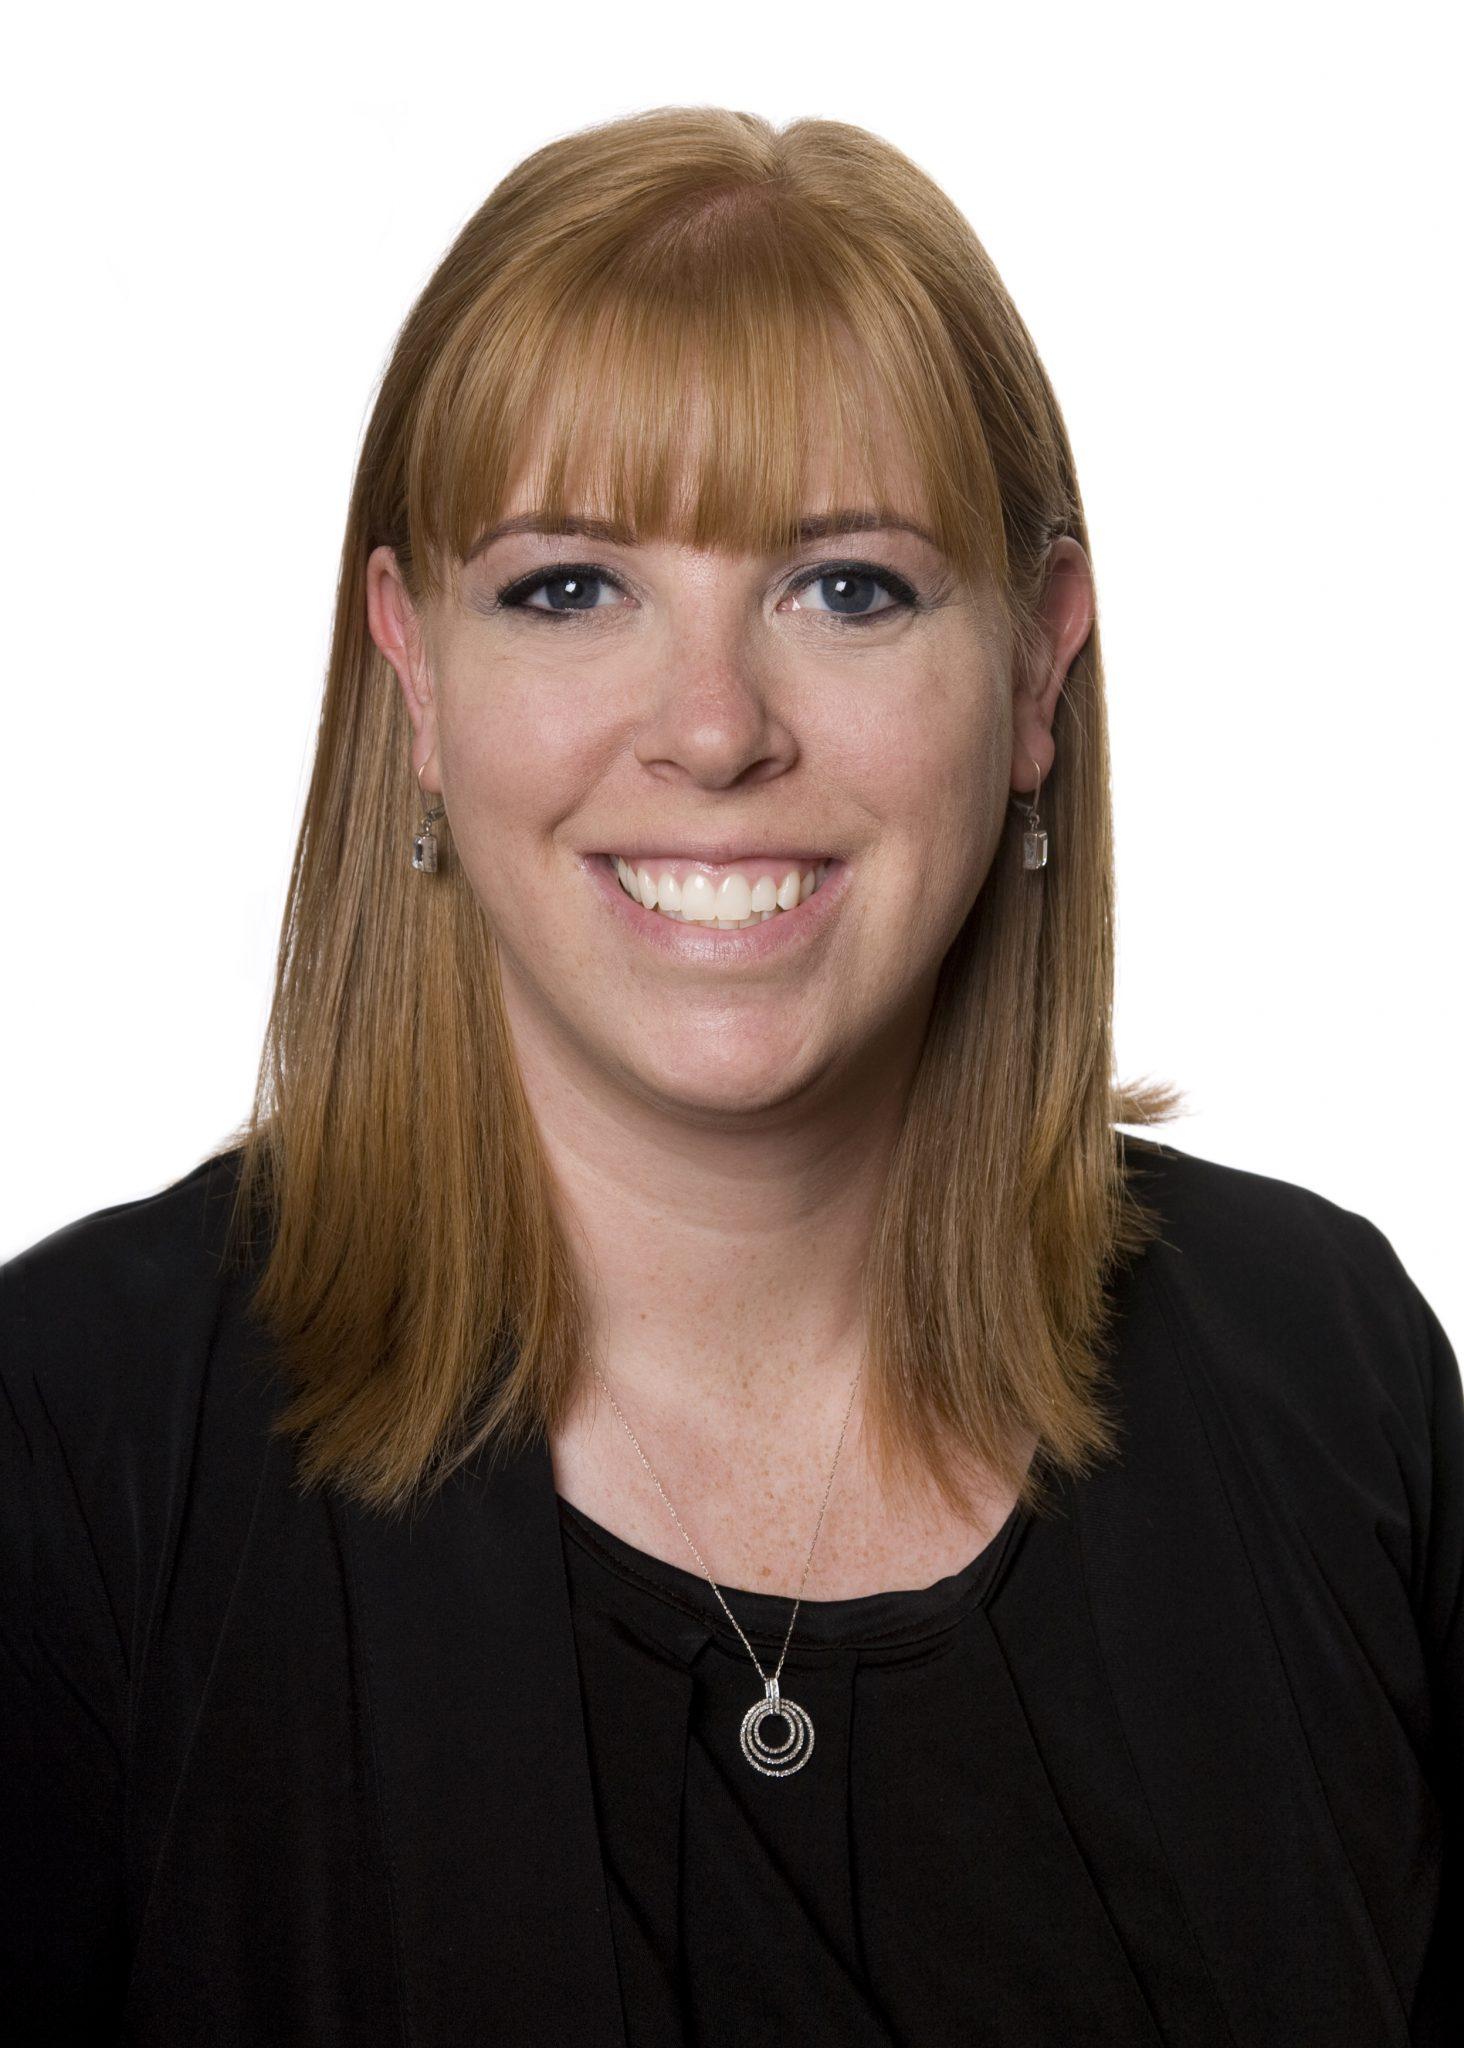 Melissa Stratton